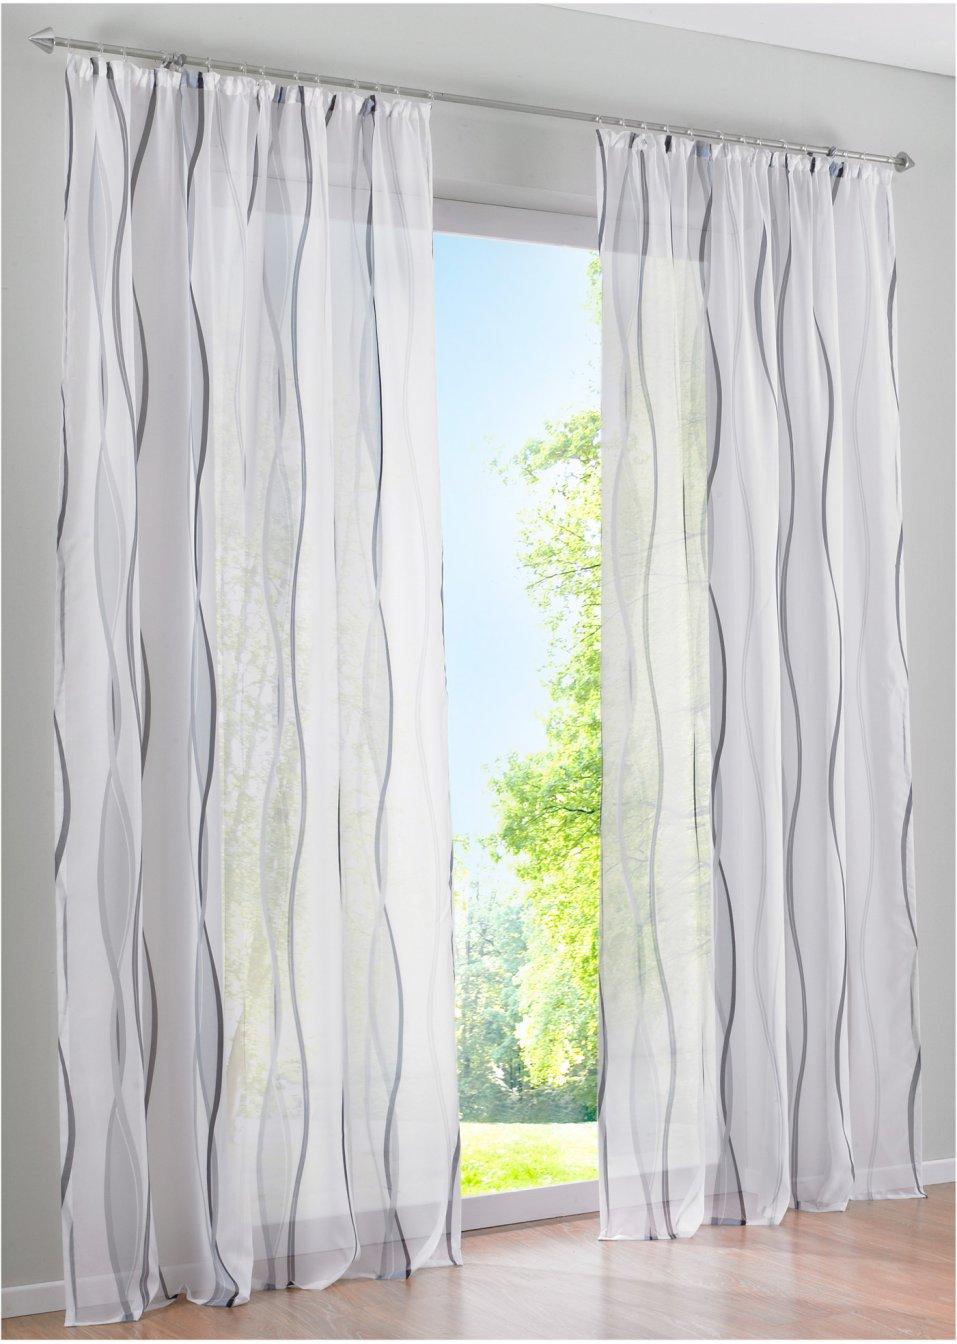 Full Size of Bon Prix Vorhänge Transparente Gardine In Zeitlosem Design Wei Silber Küche Wohnzimmer Bonprix Betten Schlafzimmer Wohnzimmer Bon Prix Vorhänge